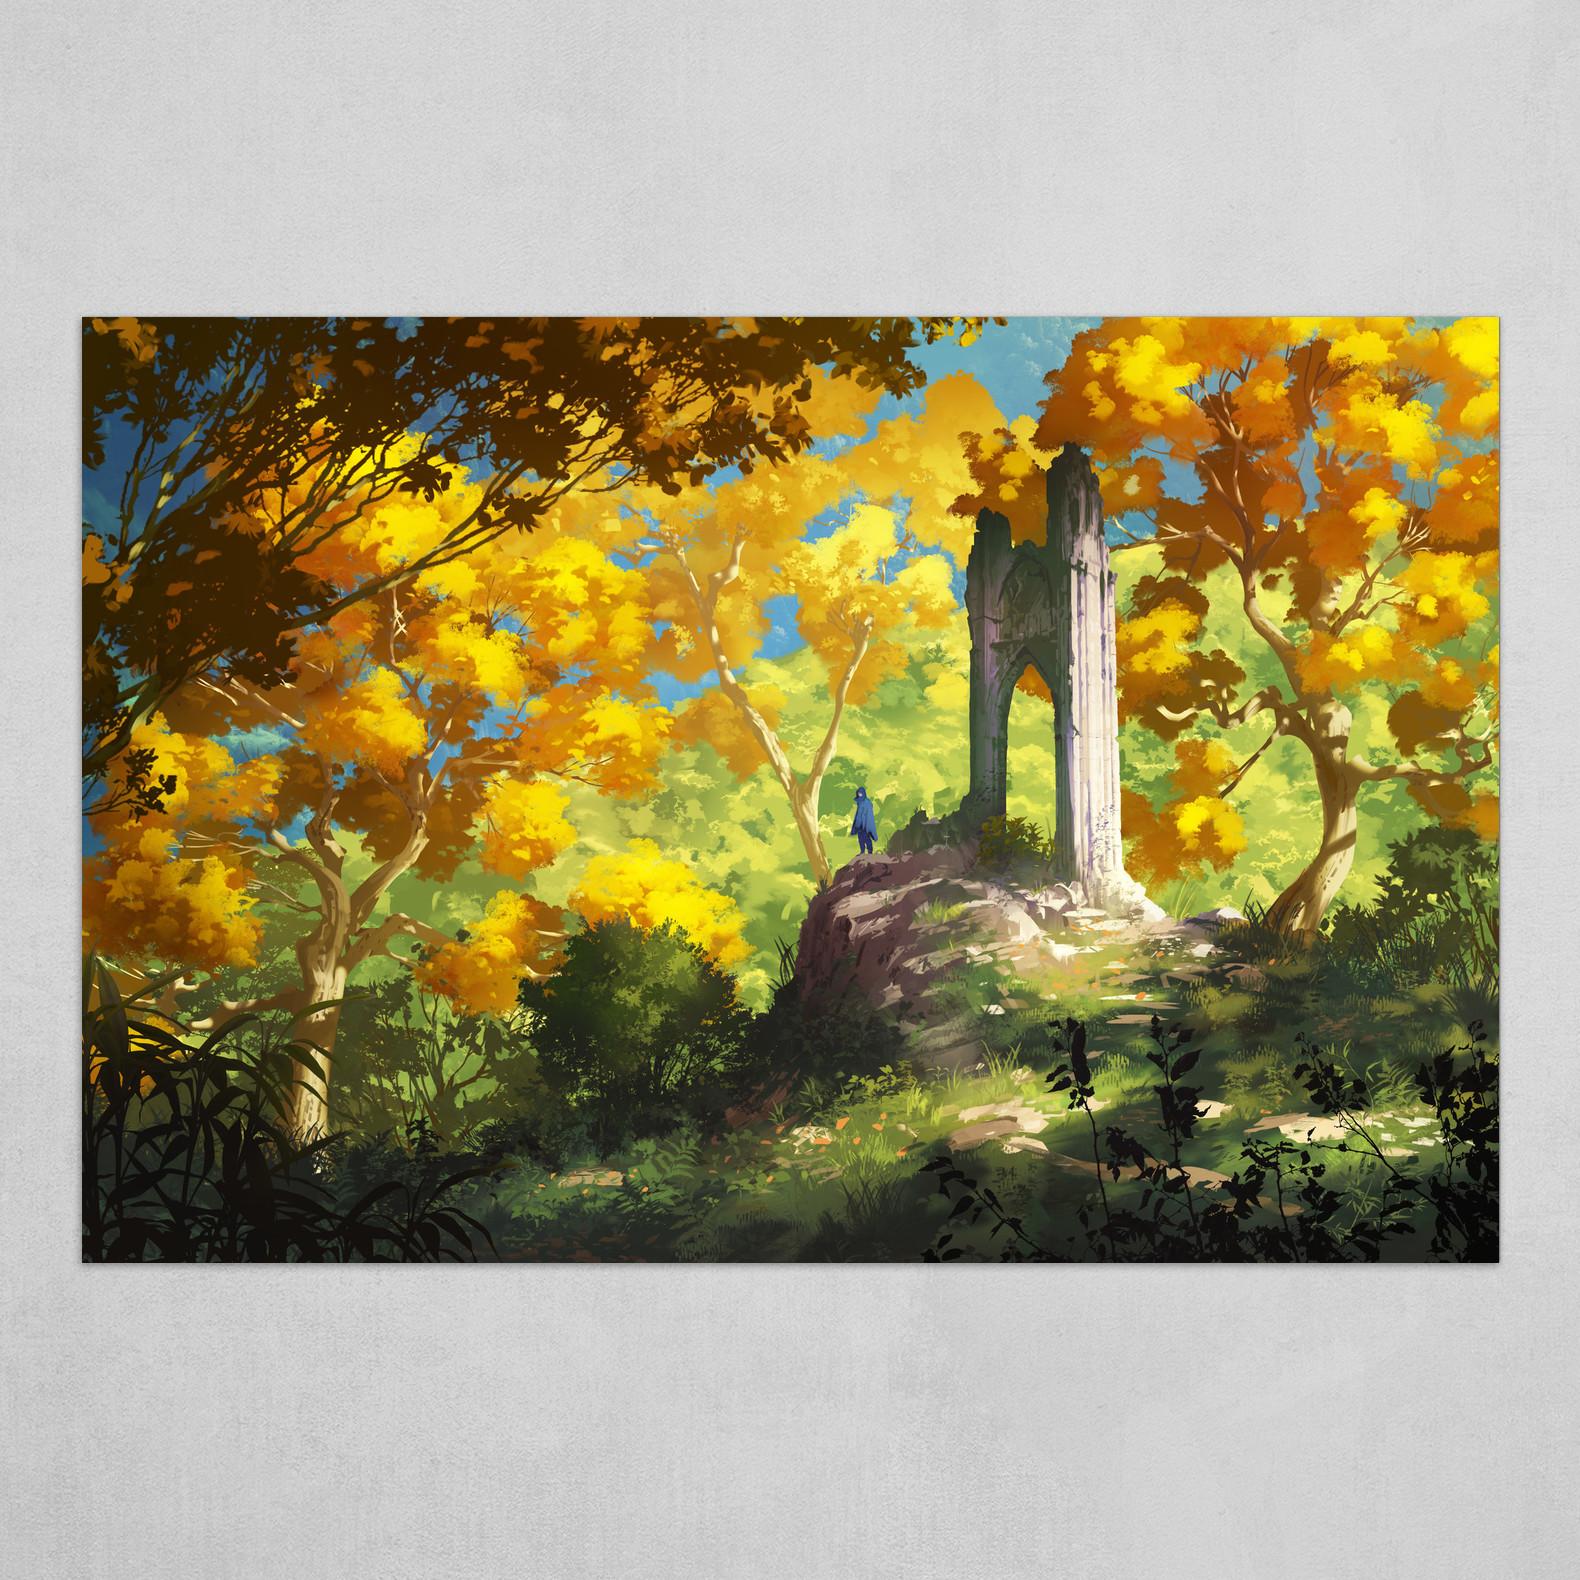 Yellow ruins